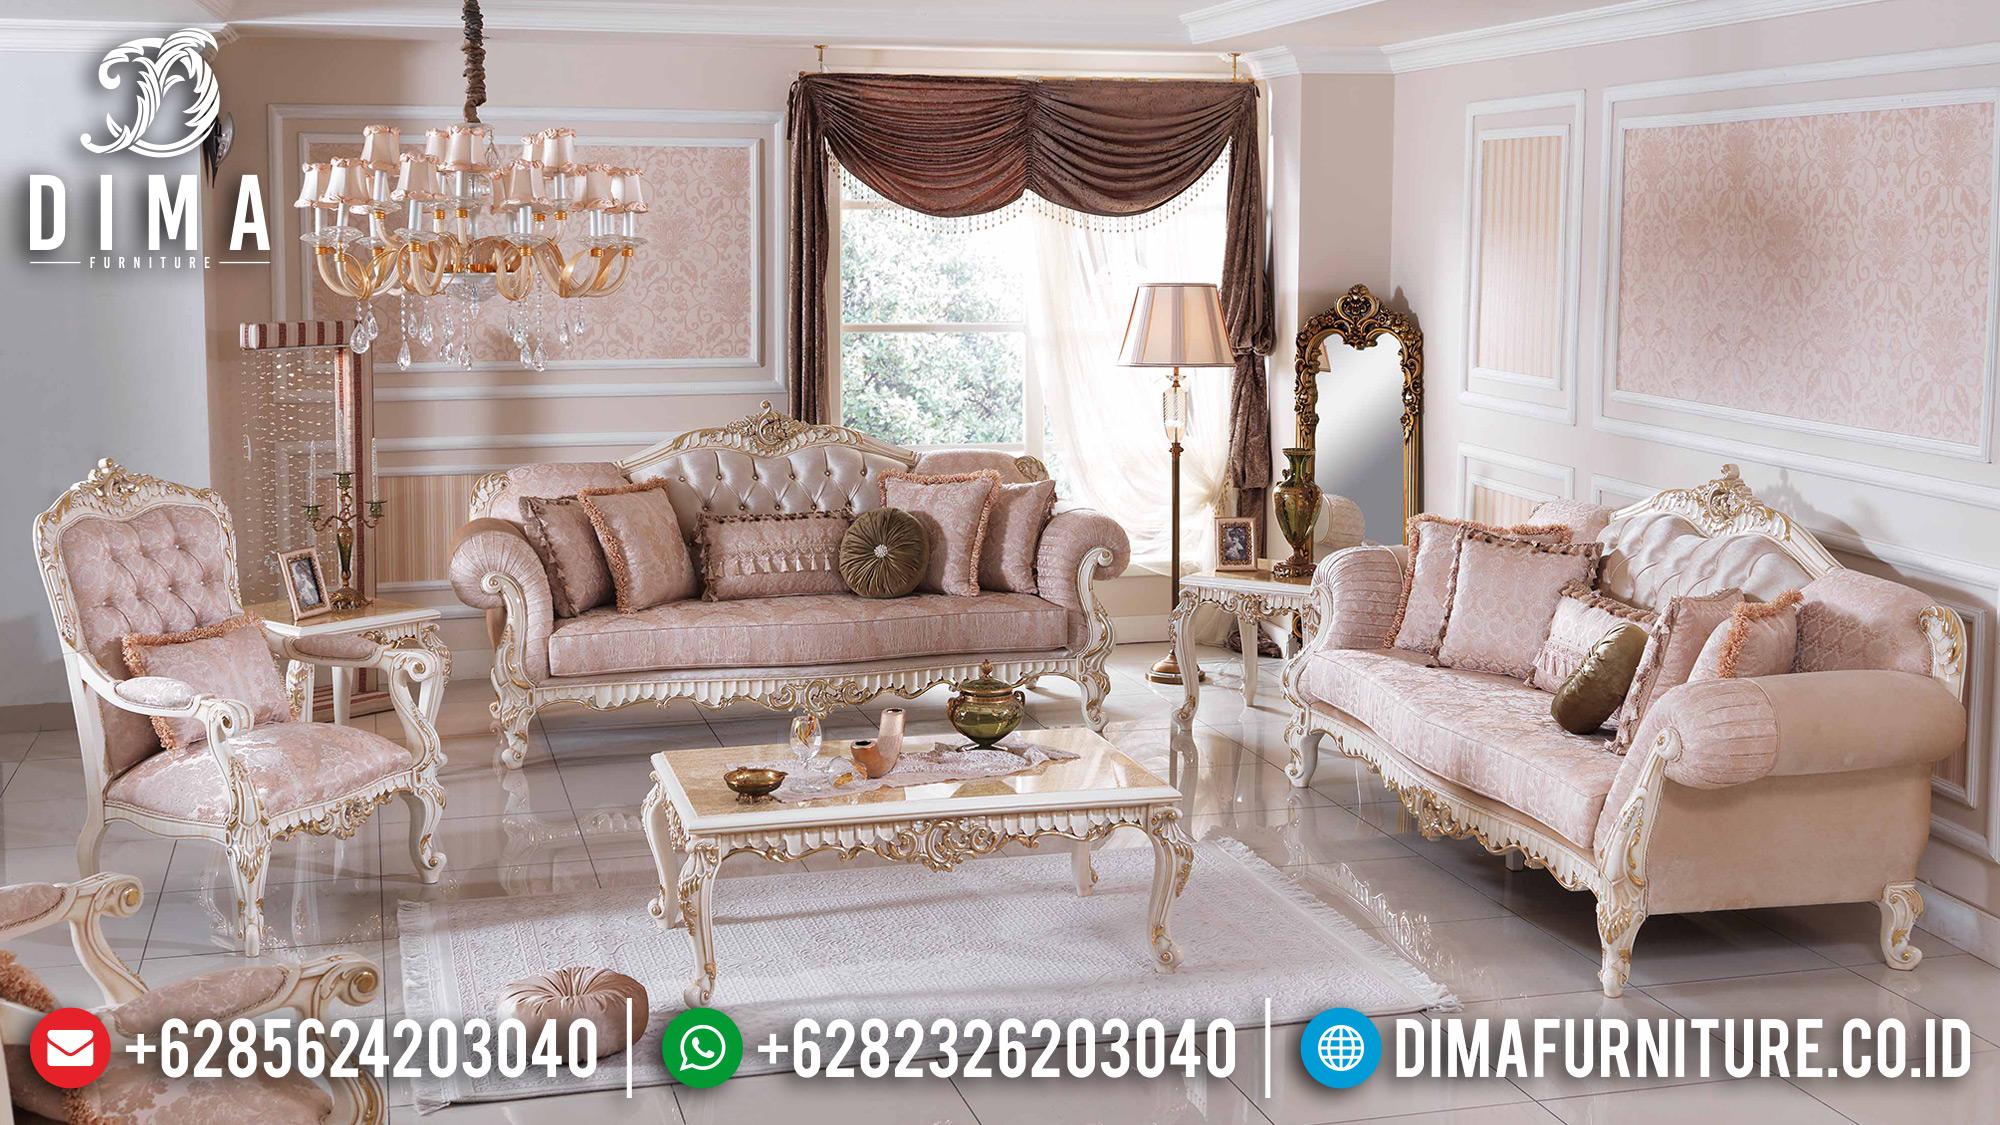 Set 3 3 1 1 Sofa Tamu Jepara Mewah Model Altay Duco BT-0121